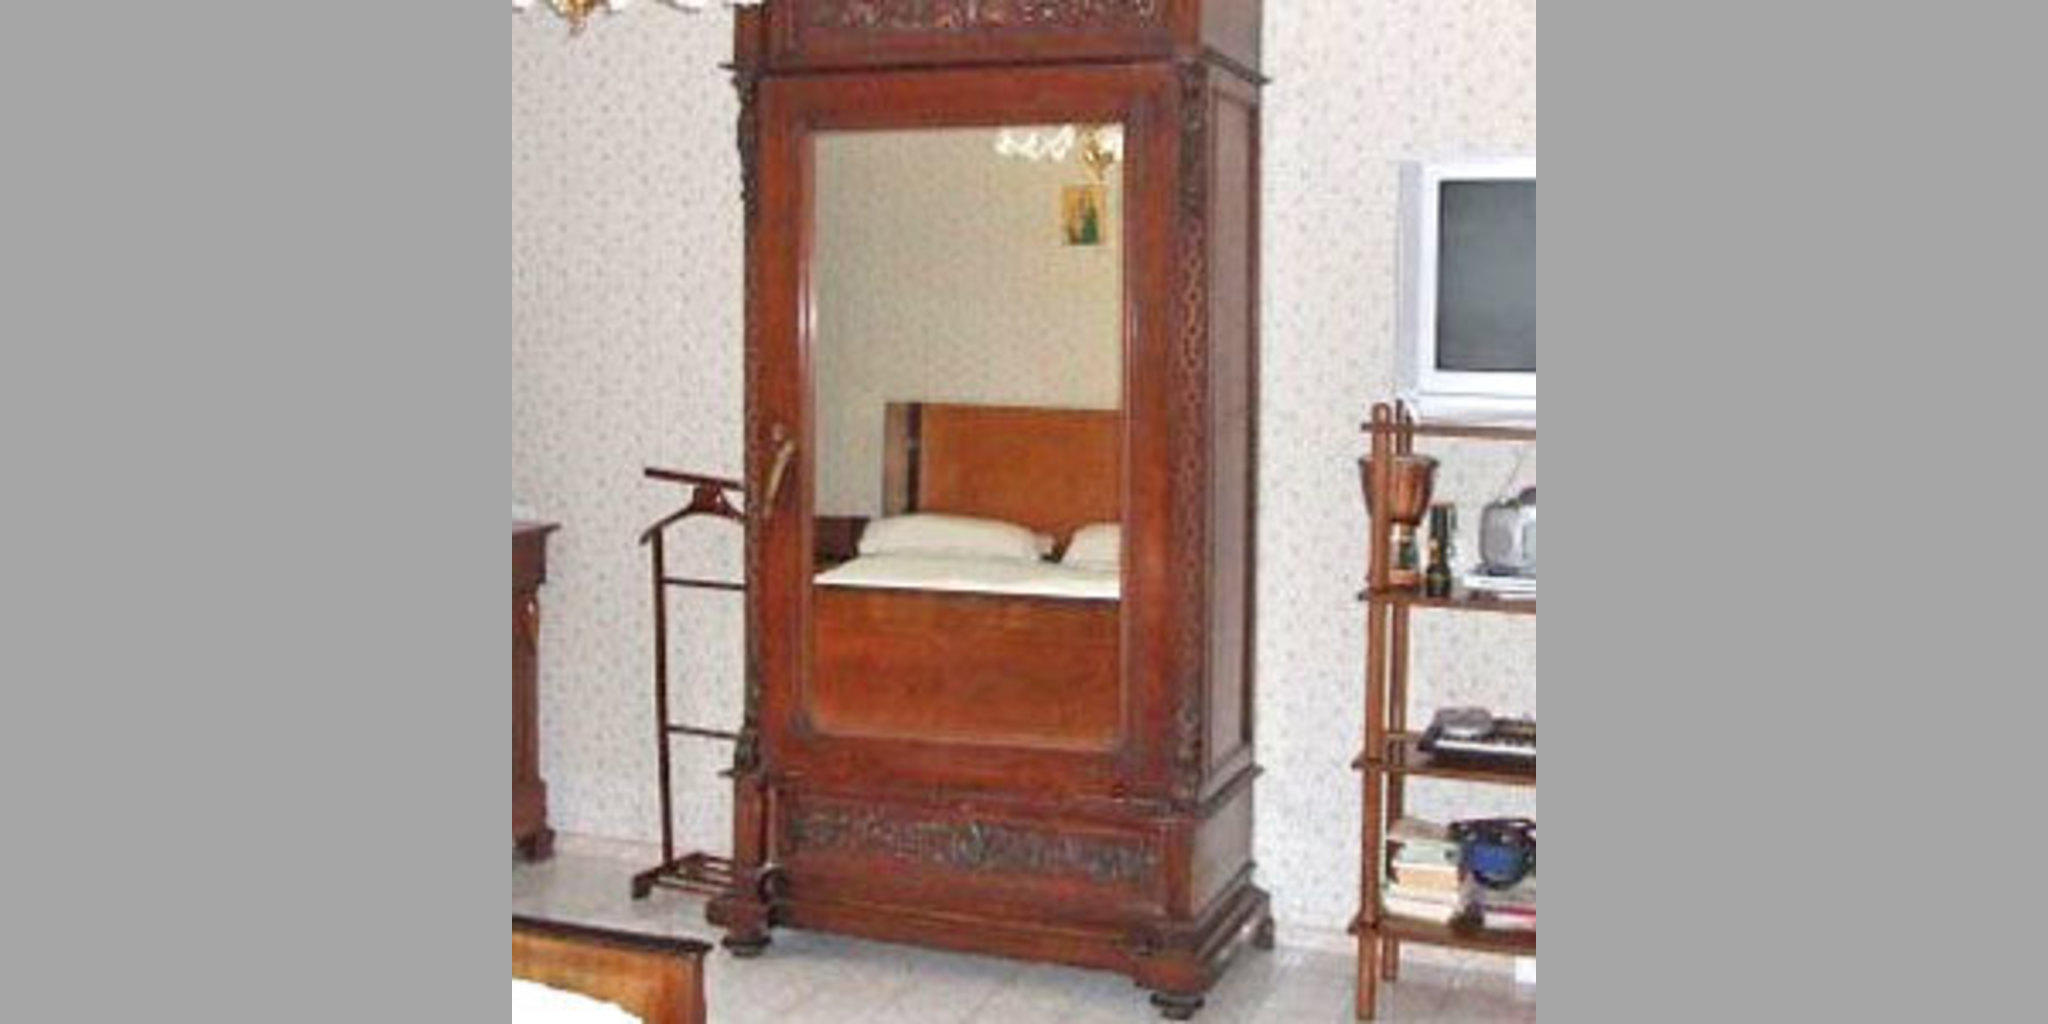 Bed & Breakfast Montecorvino Rovella - Vanvitelli